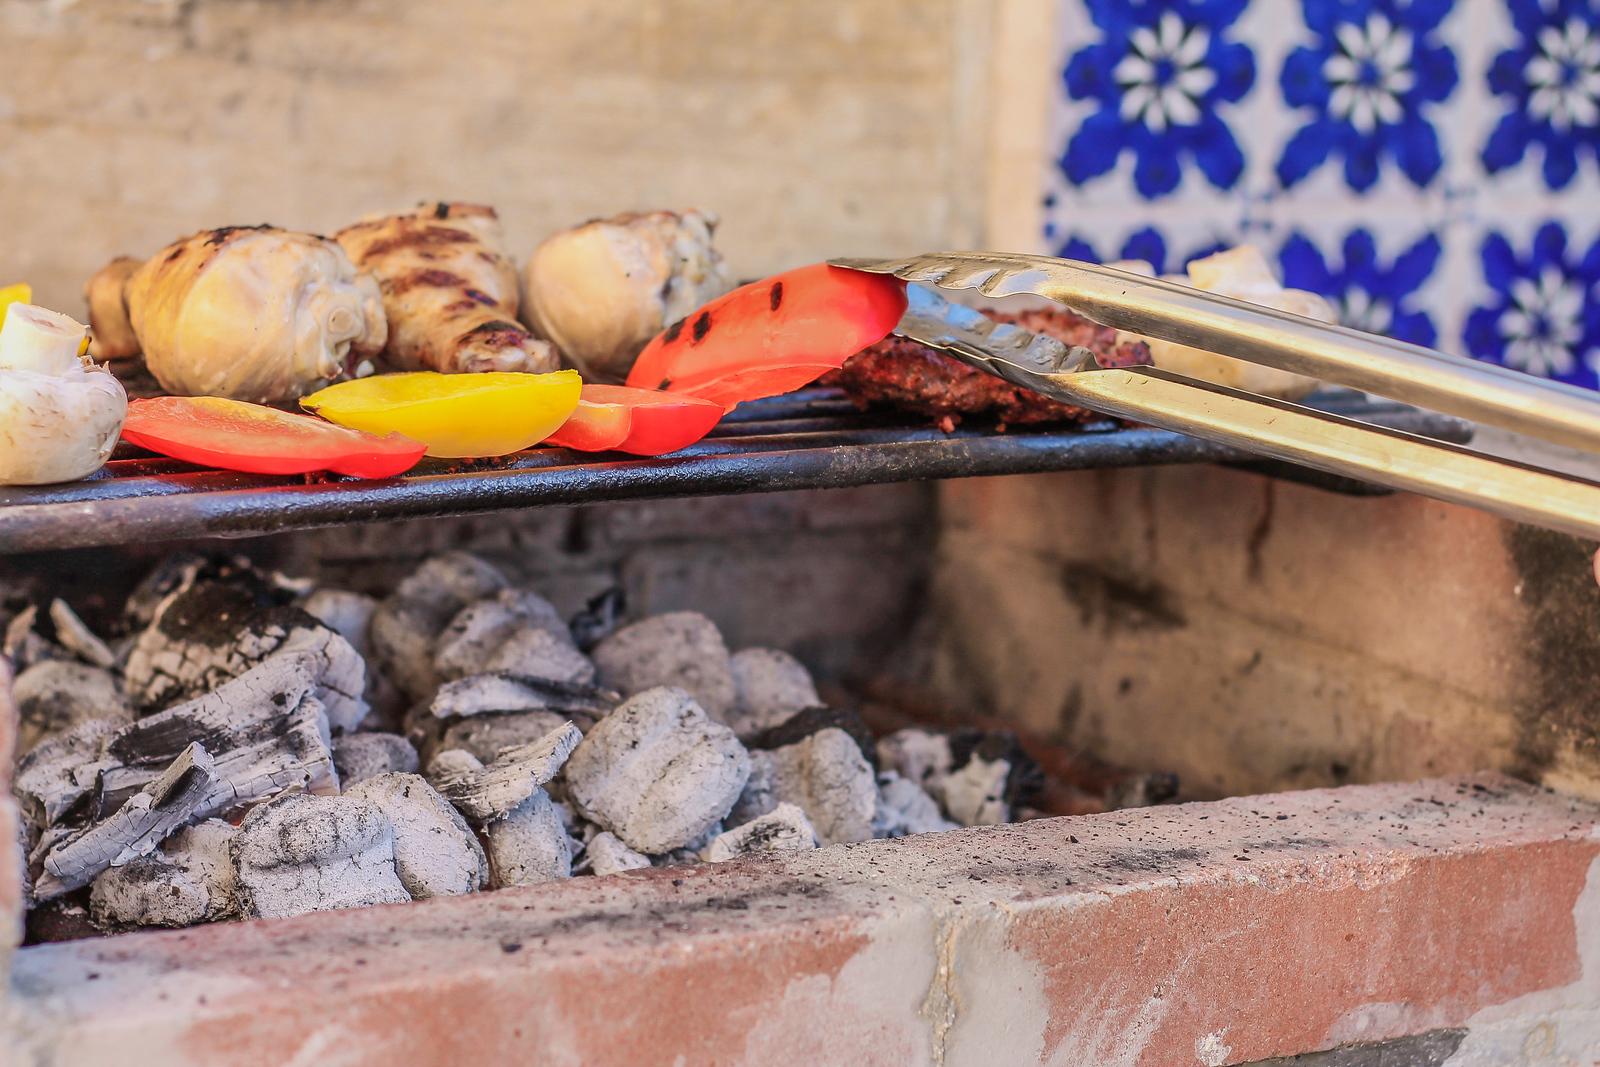 Digital Nomad in Malta. Food in Malta